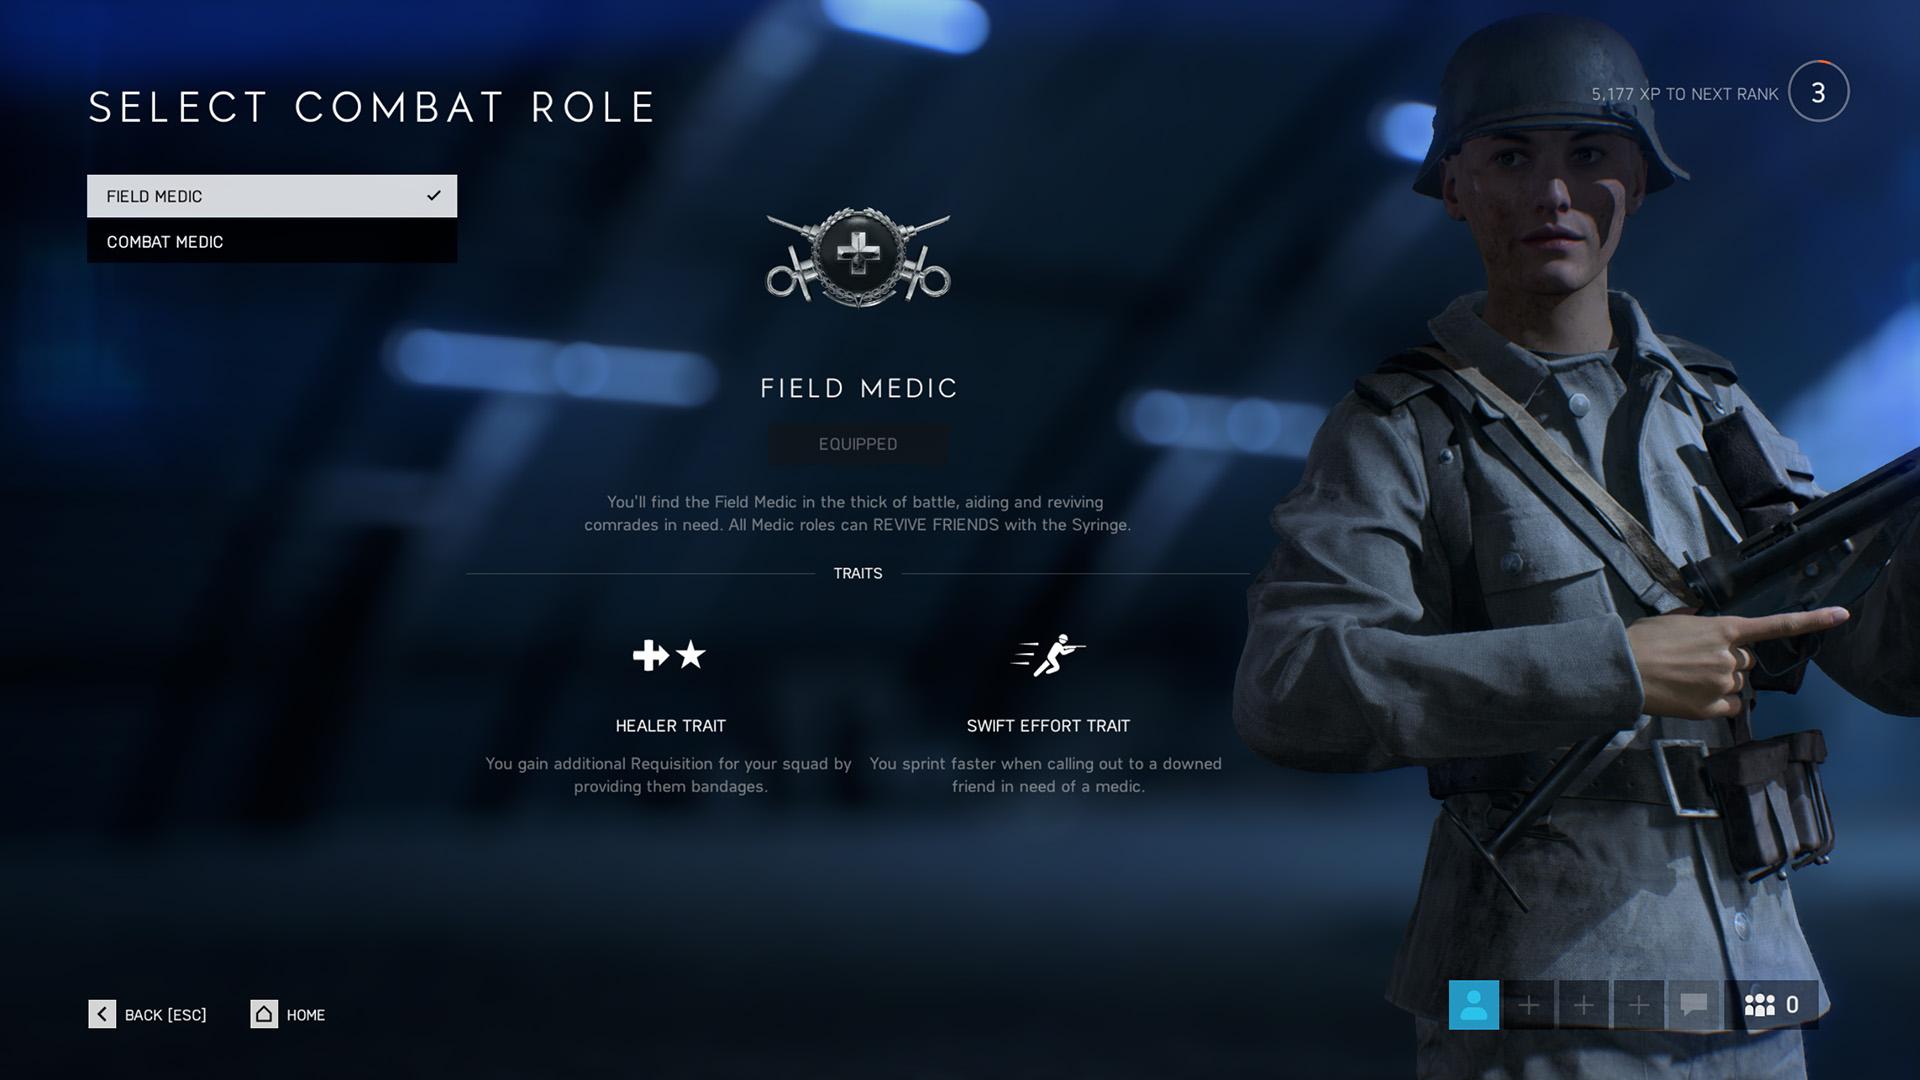 Battlefield V Screenshot 2018_0027_Battlefield V Screenshot 2018.11.11 - 20.32.04.18.jpg